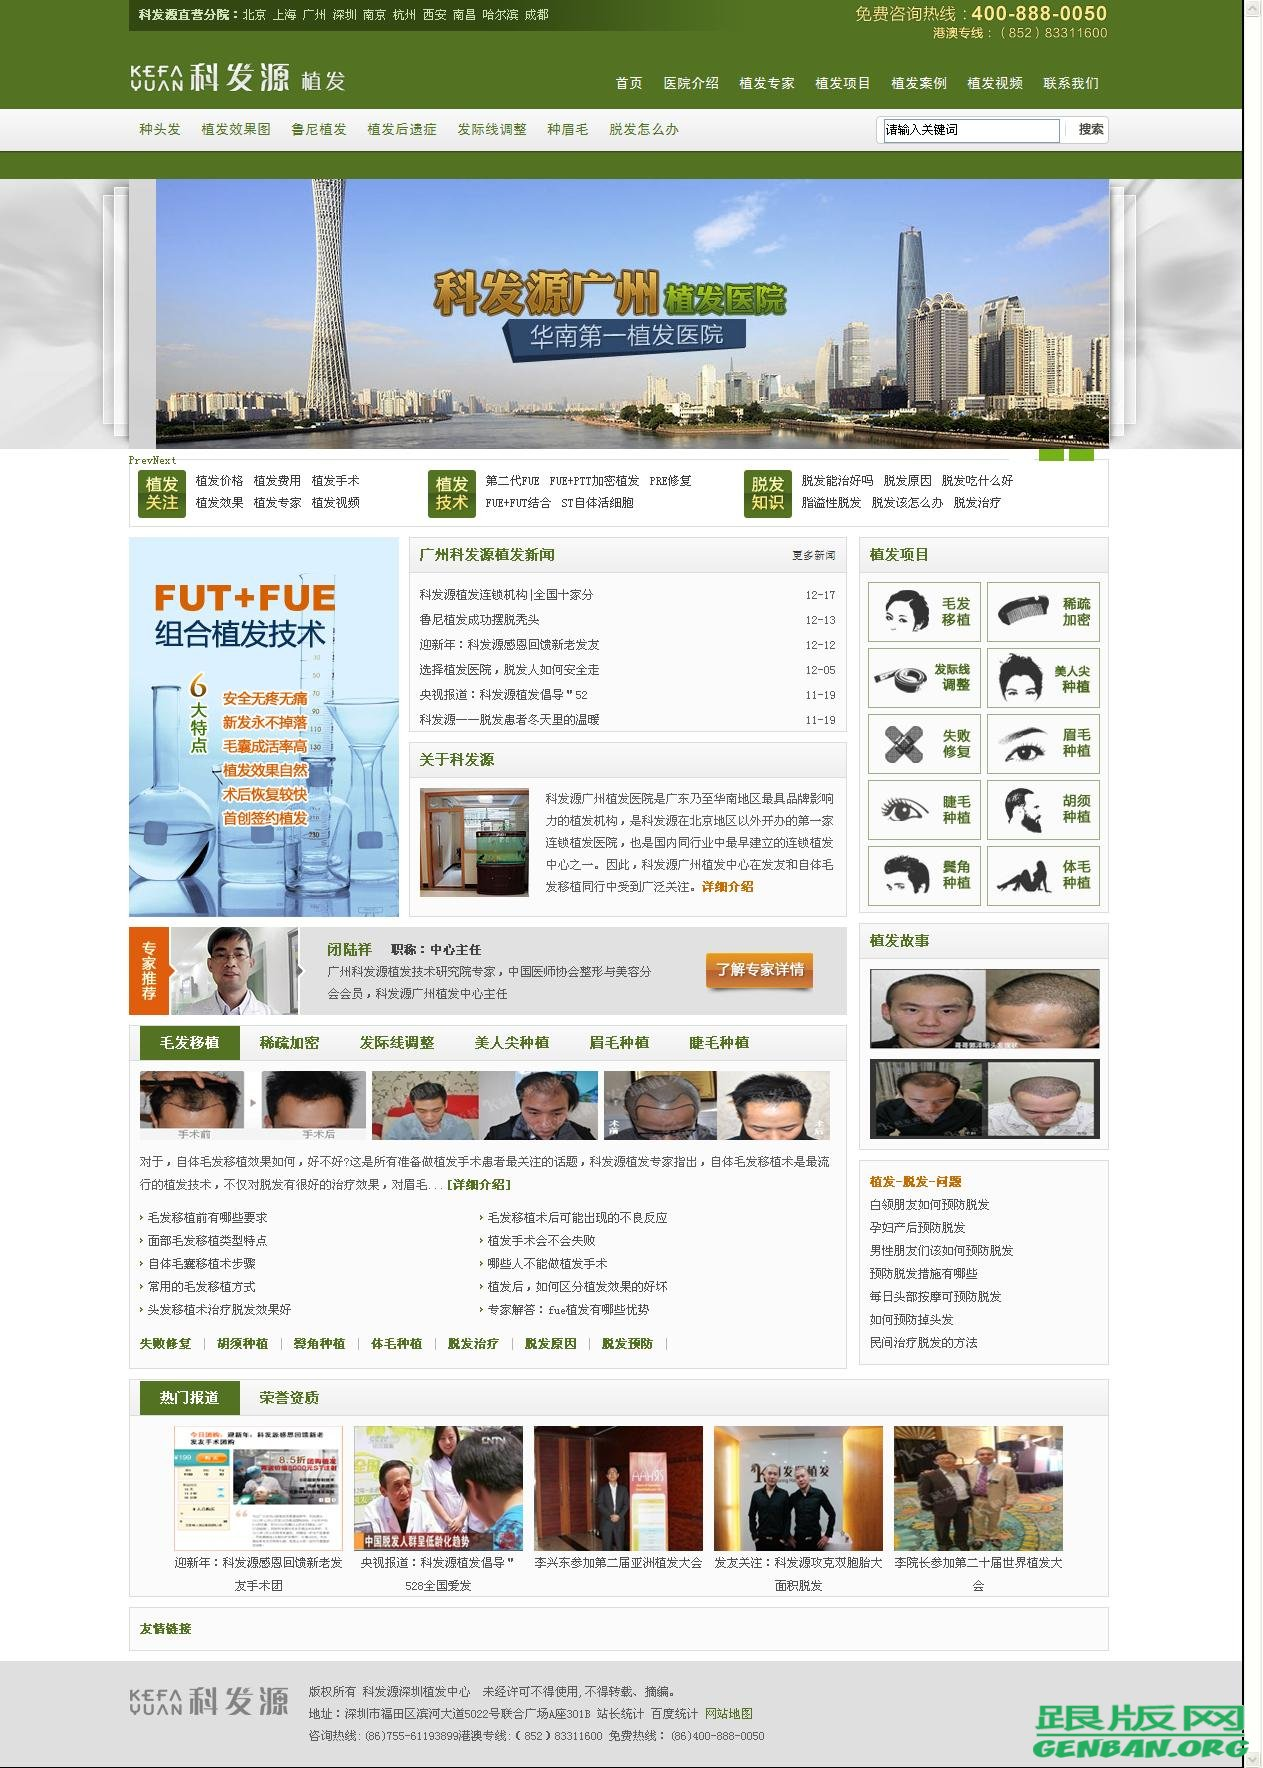 [原创]广州某植发医院网站源码下载